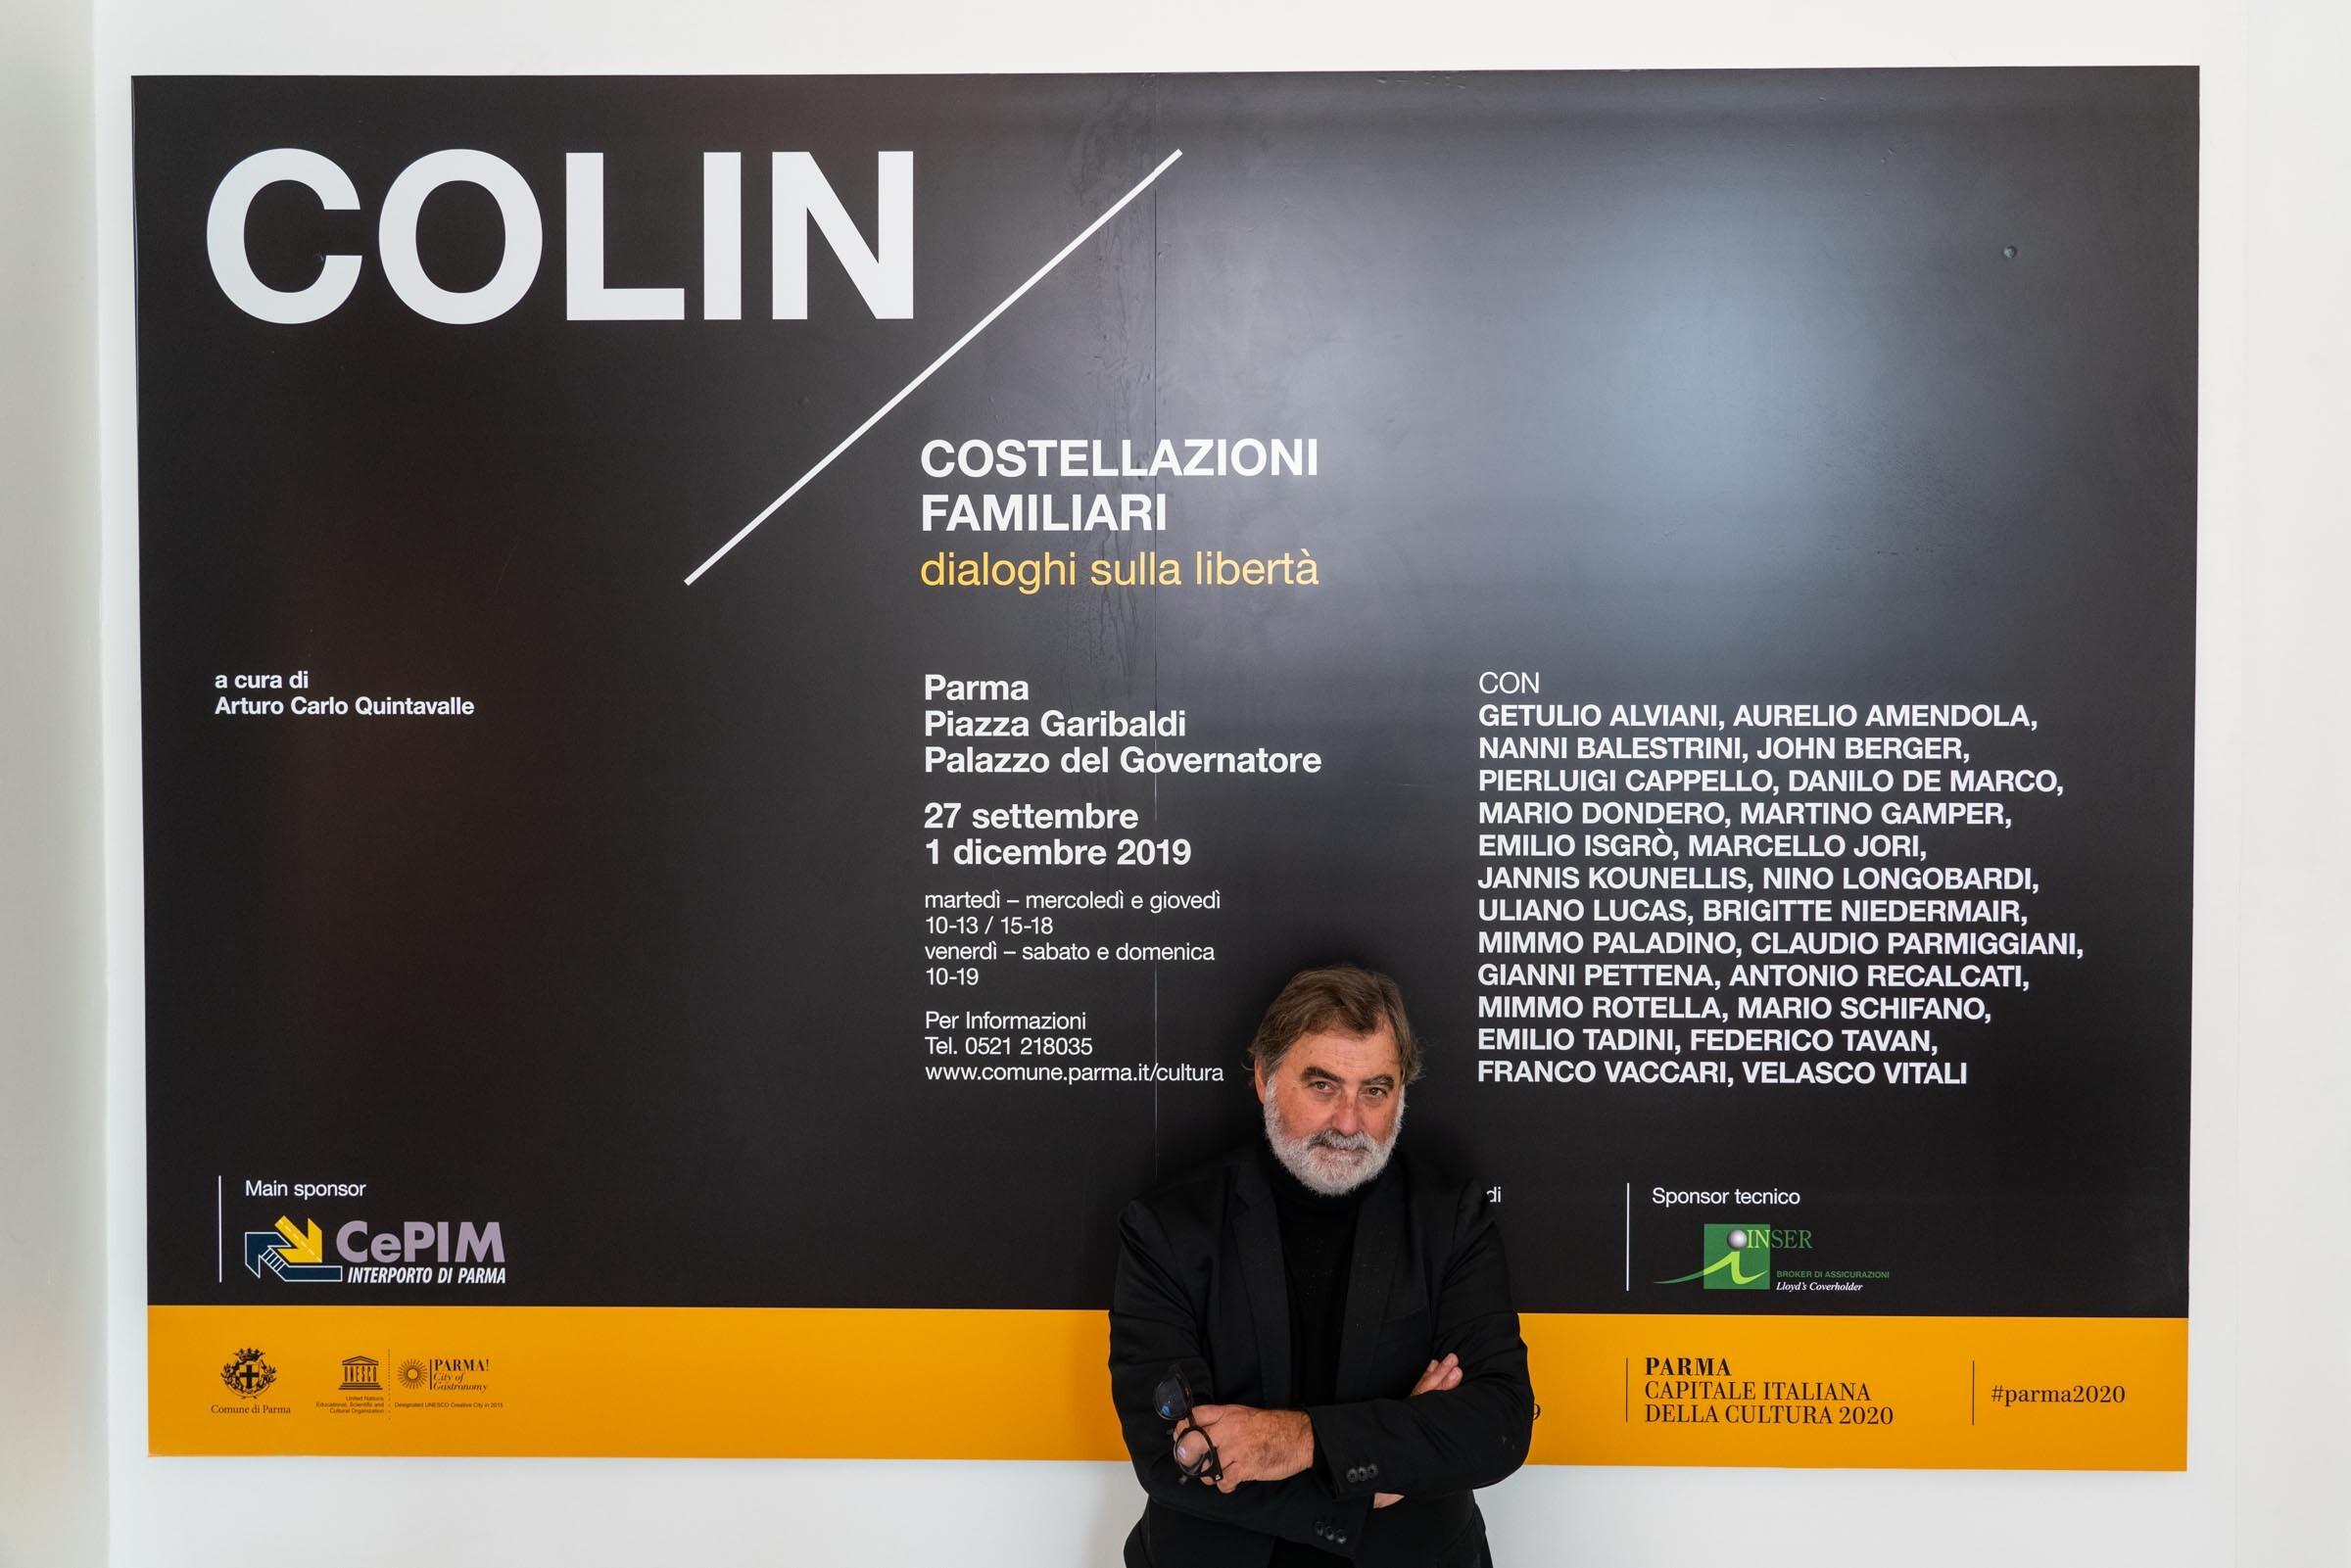 """GIANLUIGI COLIN  """"COSTELLAZIONI FAMILIARI  Dialoghi sulla libertà """"   A cura di Arturo Carlo Quintavalle"""